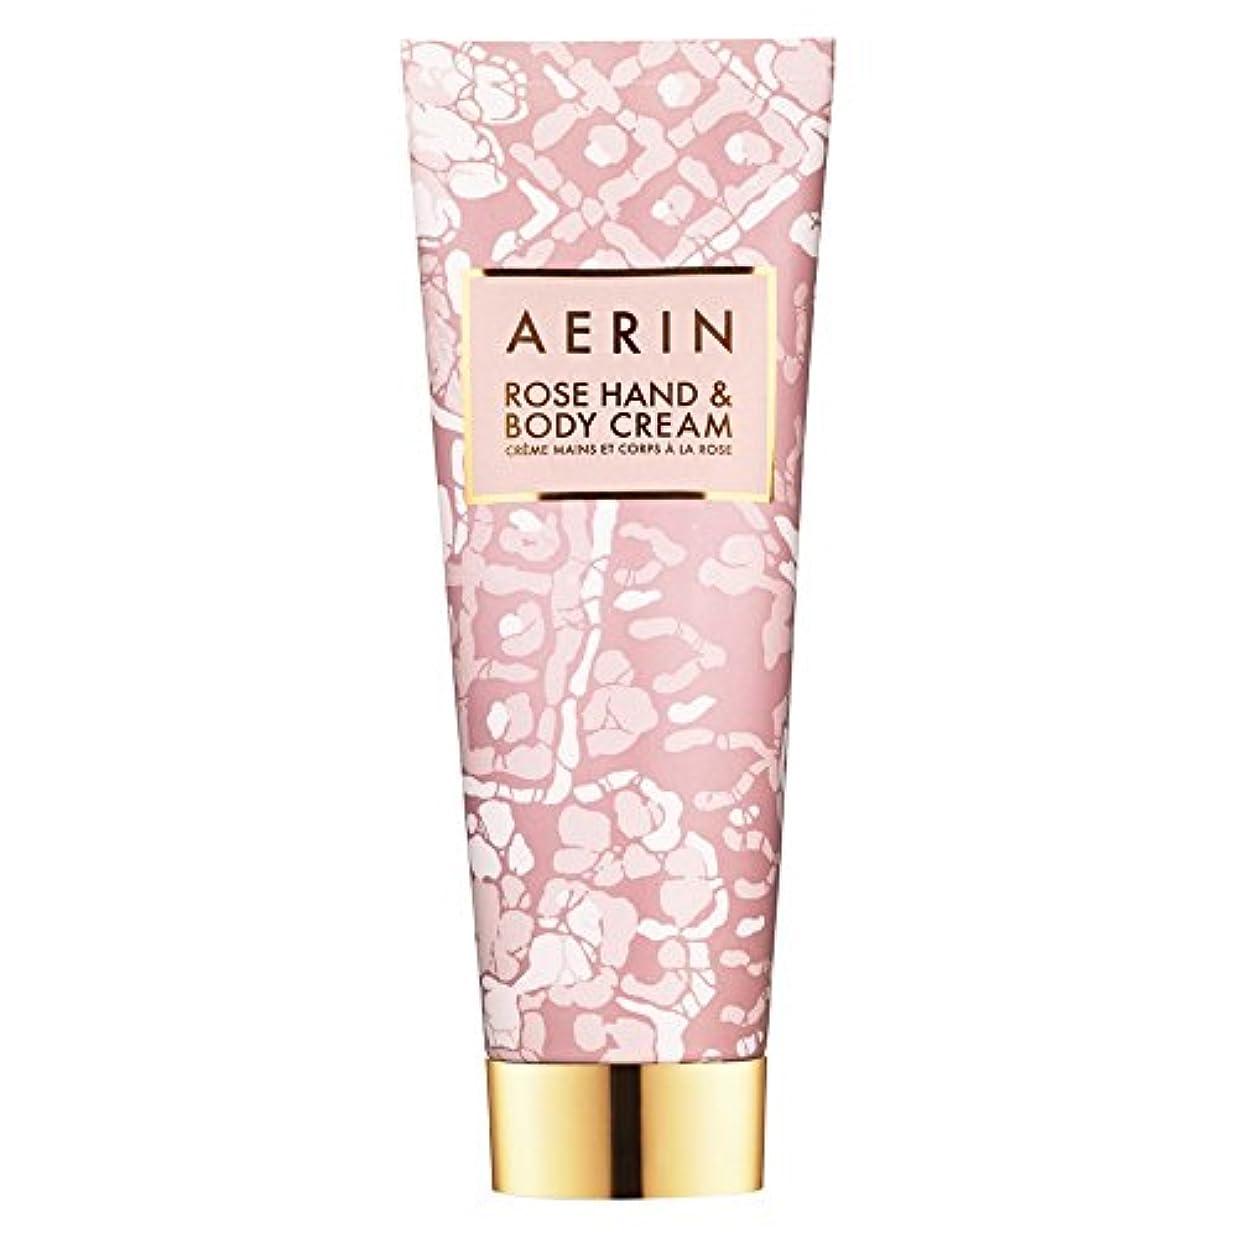 レルムセーブ影響を受けやすいですAerinはハンド&ボディクリーム125ミリリットルをバラ (AERIN) (x6) - AERIN Rose Hand & Body Cream 125ml (Pack of 6) [並行輸入品]